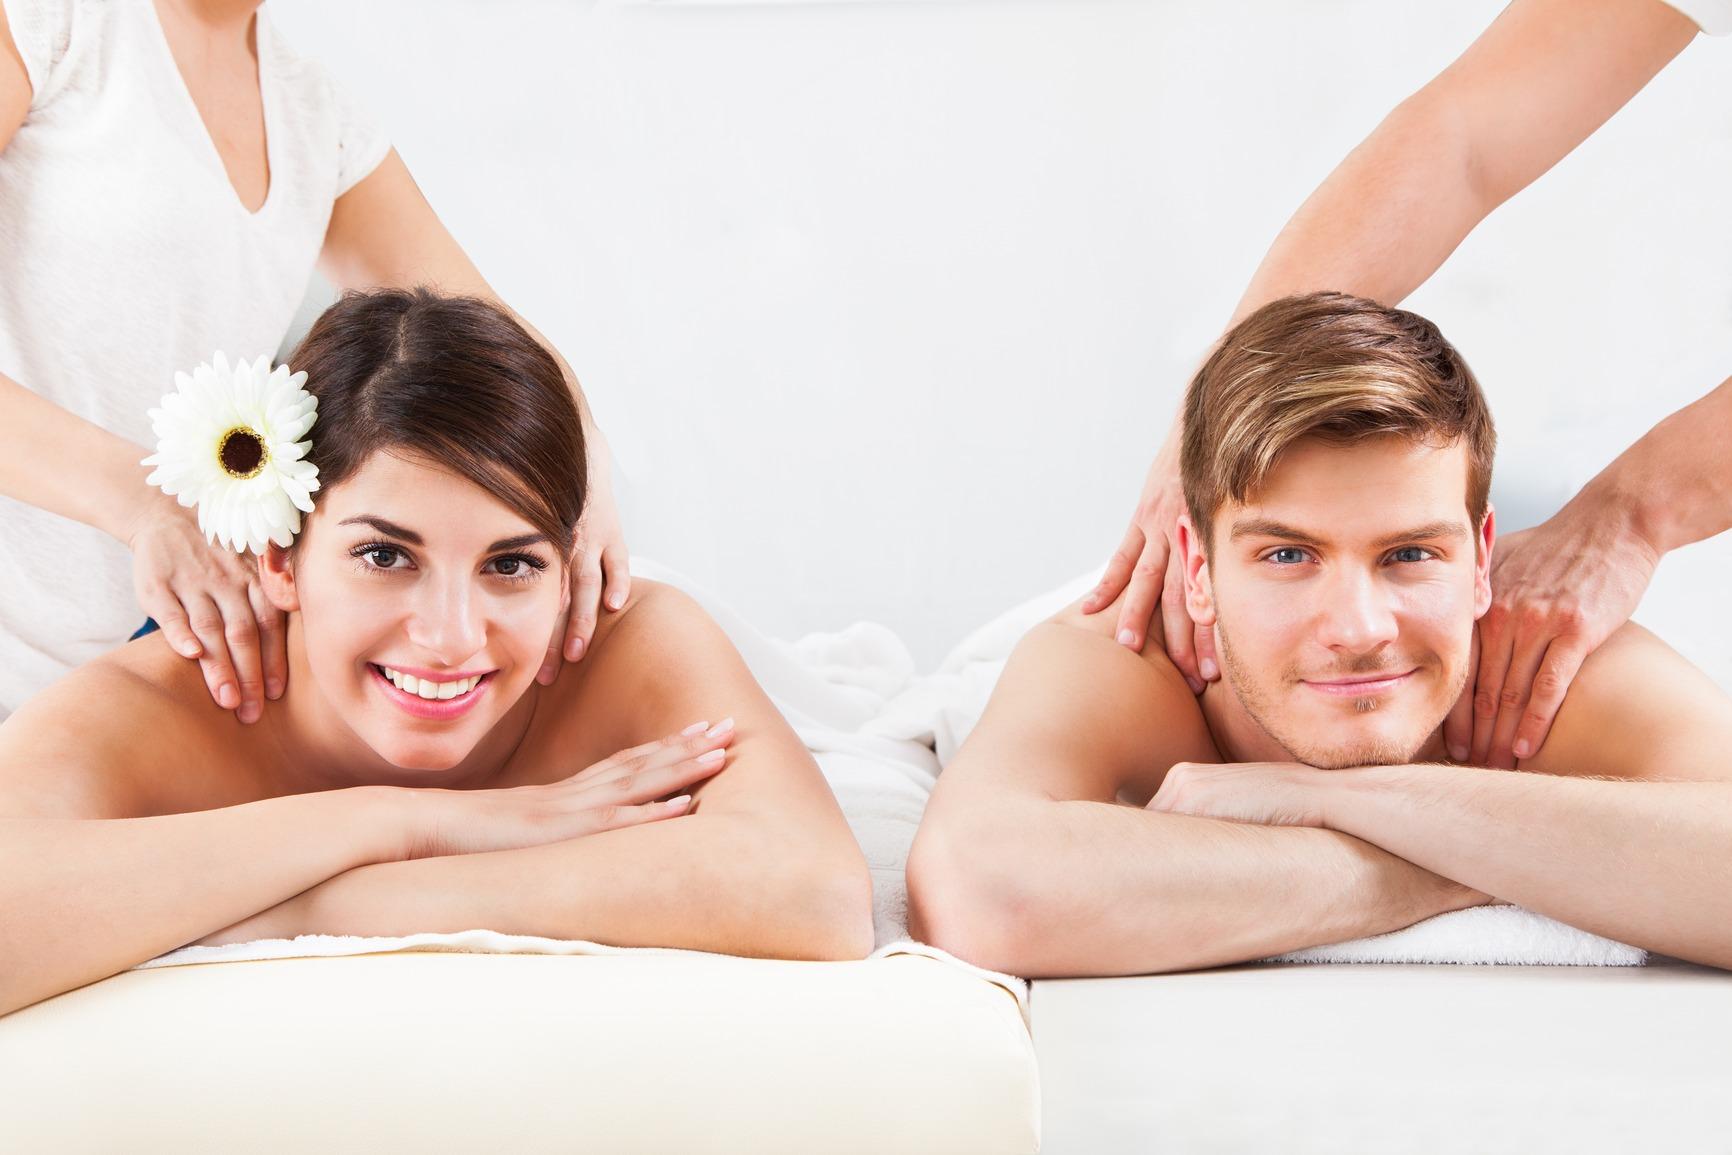 Парный массаж — удовольствие с любимым человеком